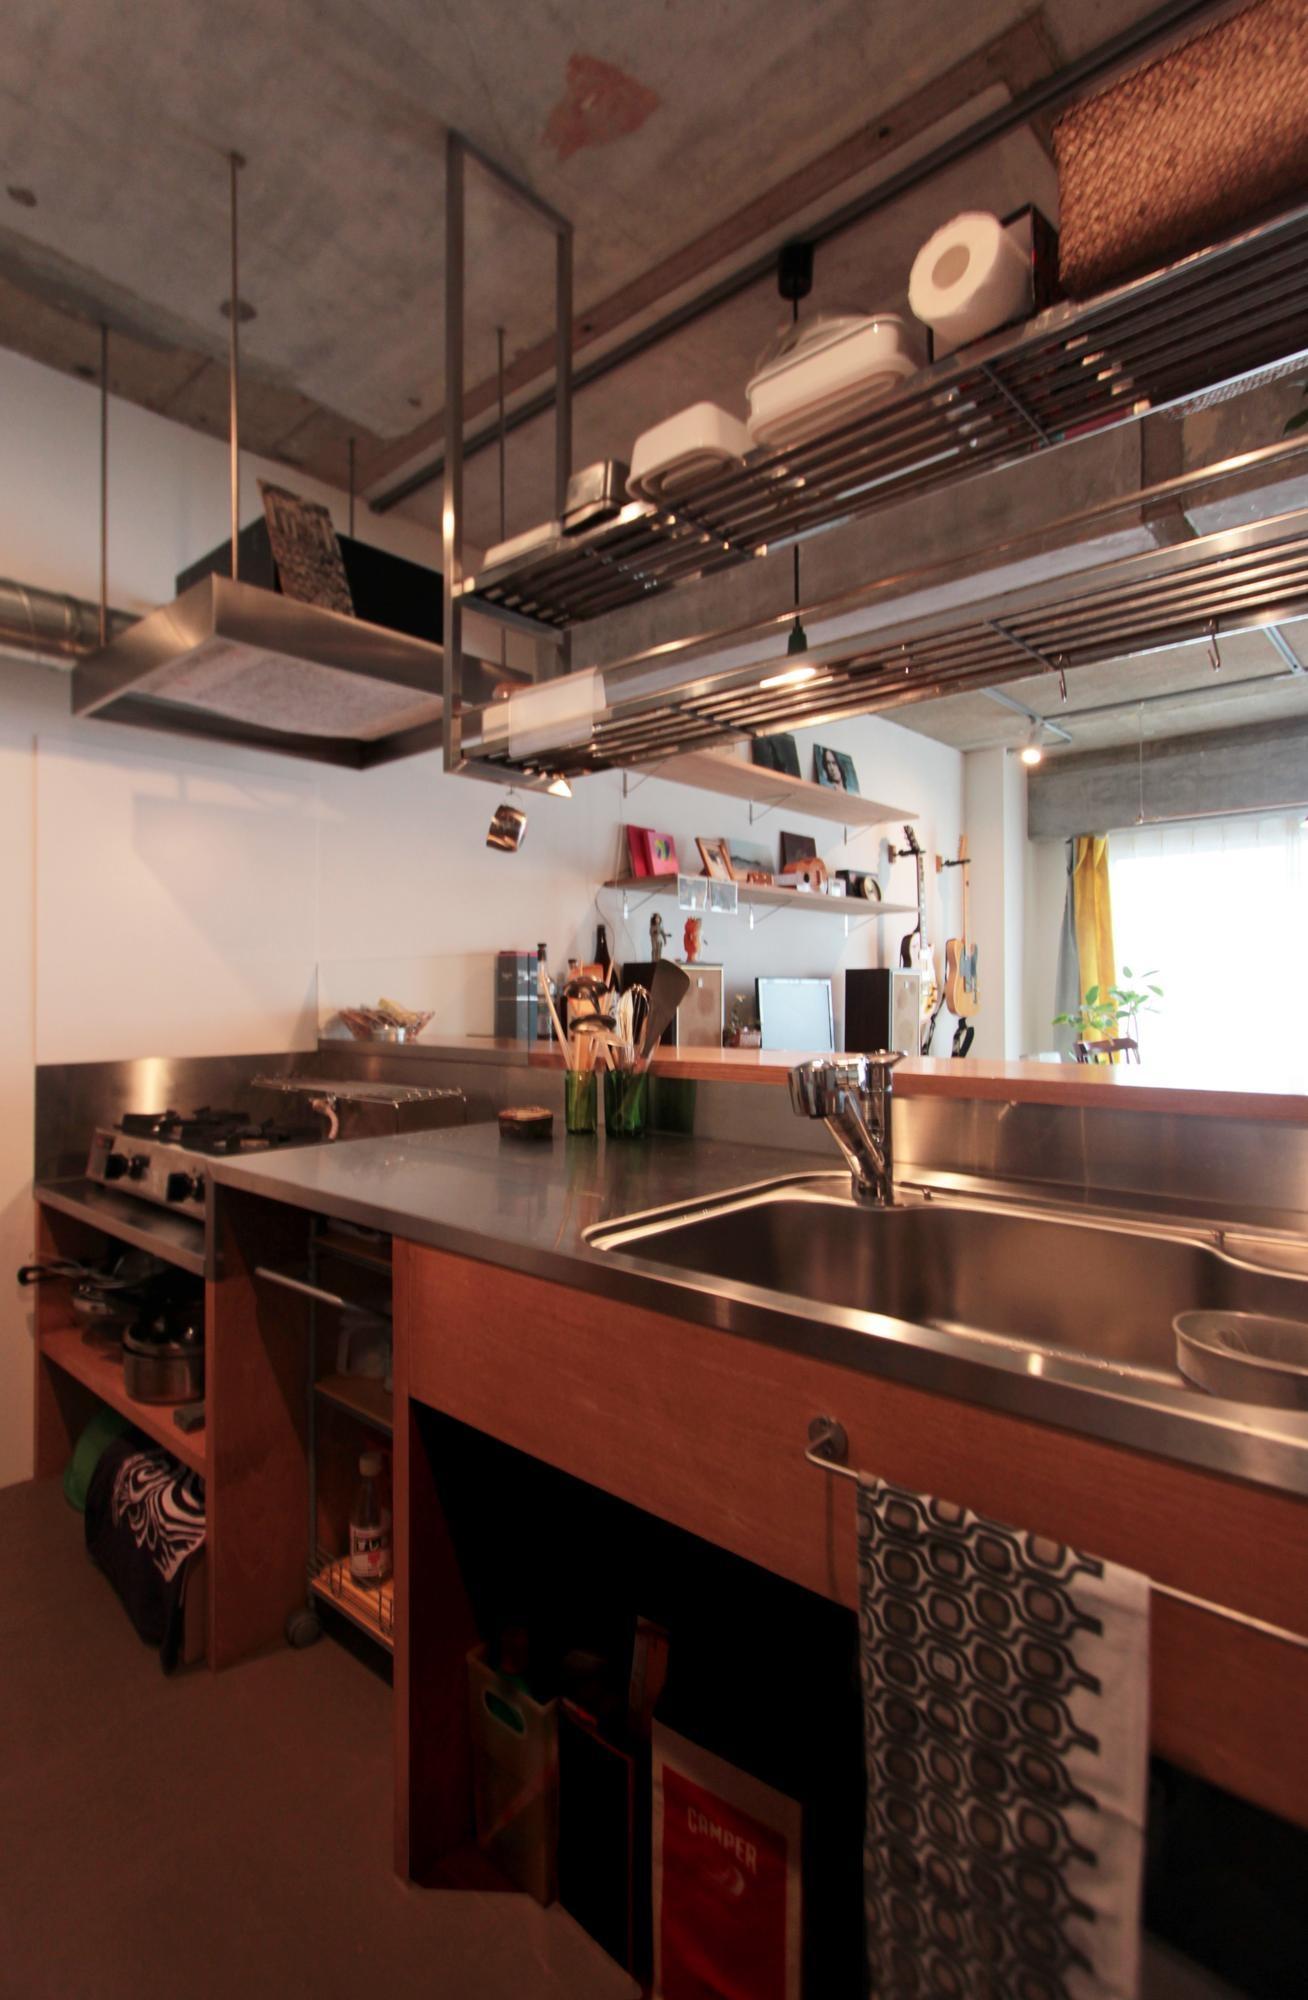 ひとつ屋根の下の写真 収納たっぷりの使い勝手の良い対面キッチン